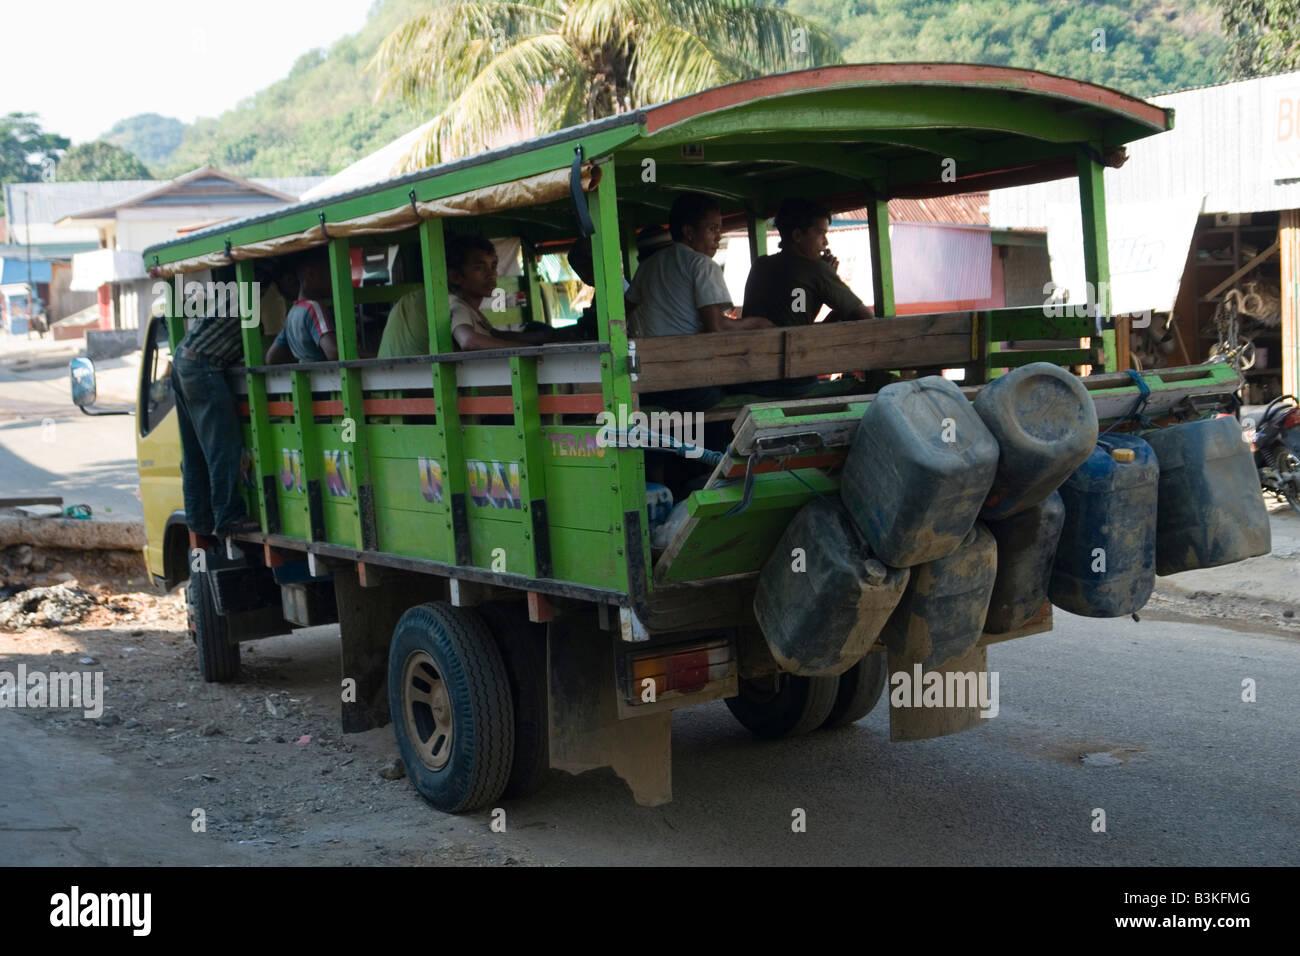 About to leave passengers in Flores (Indonesia). A Florès, passagers sur le départ (Indonésie). - Stock Image